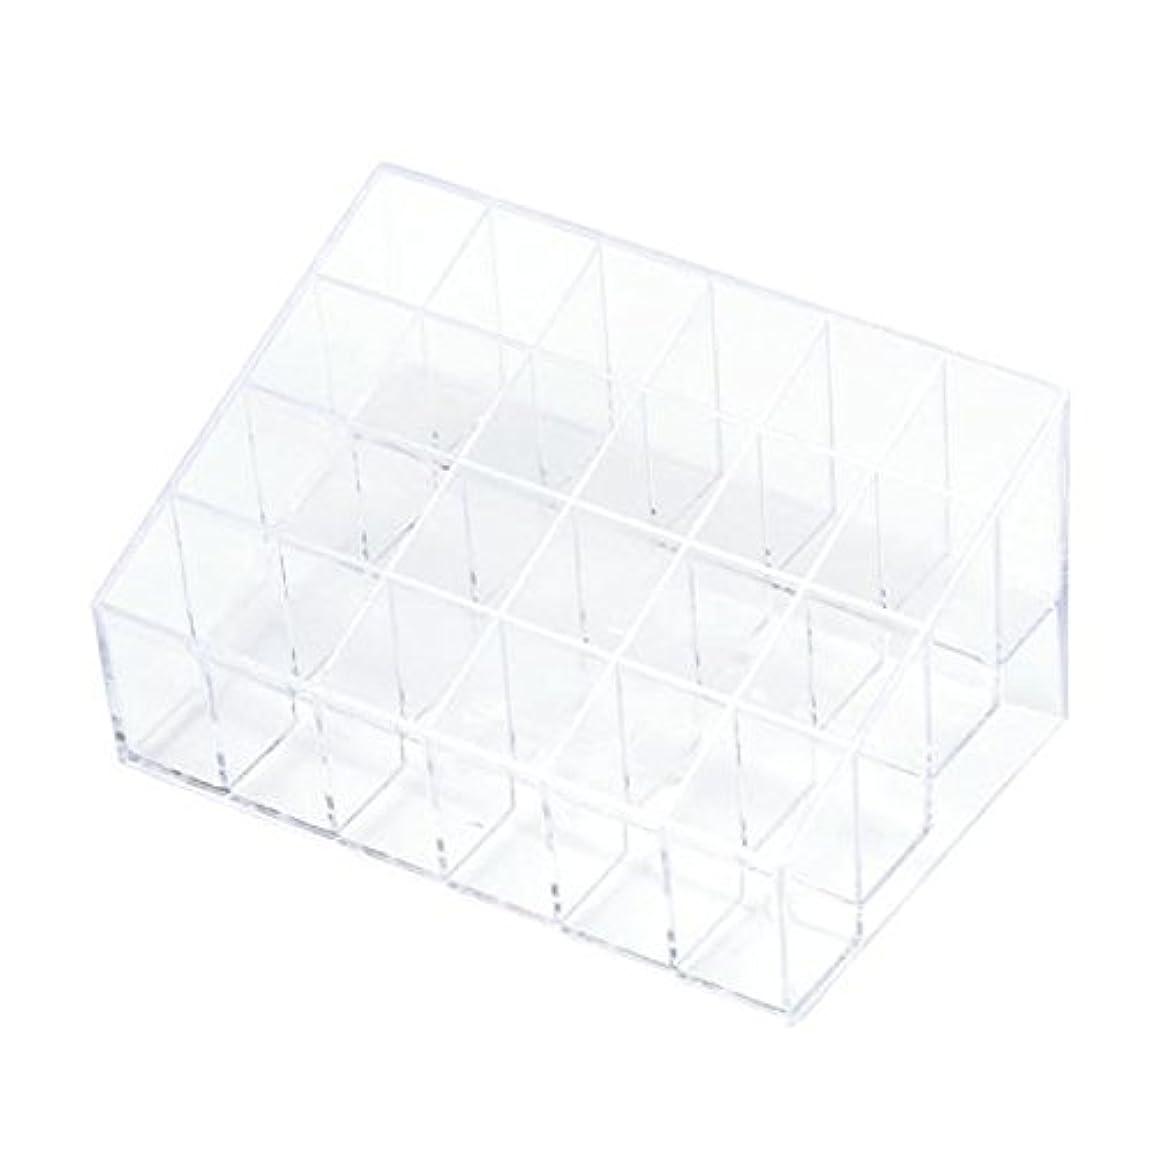 清めるジェットけん引YOKINO 口红收纳盒 メイクアップ 化粧品収納ボックス 白い透明な 宝石箱口紅ストレージスタンドホルダー 生活用品 便利 プラスチック製 24グリッド